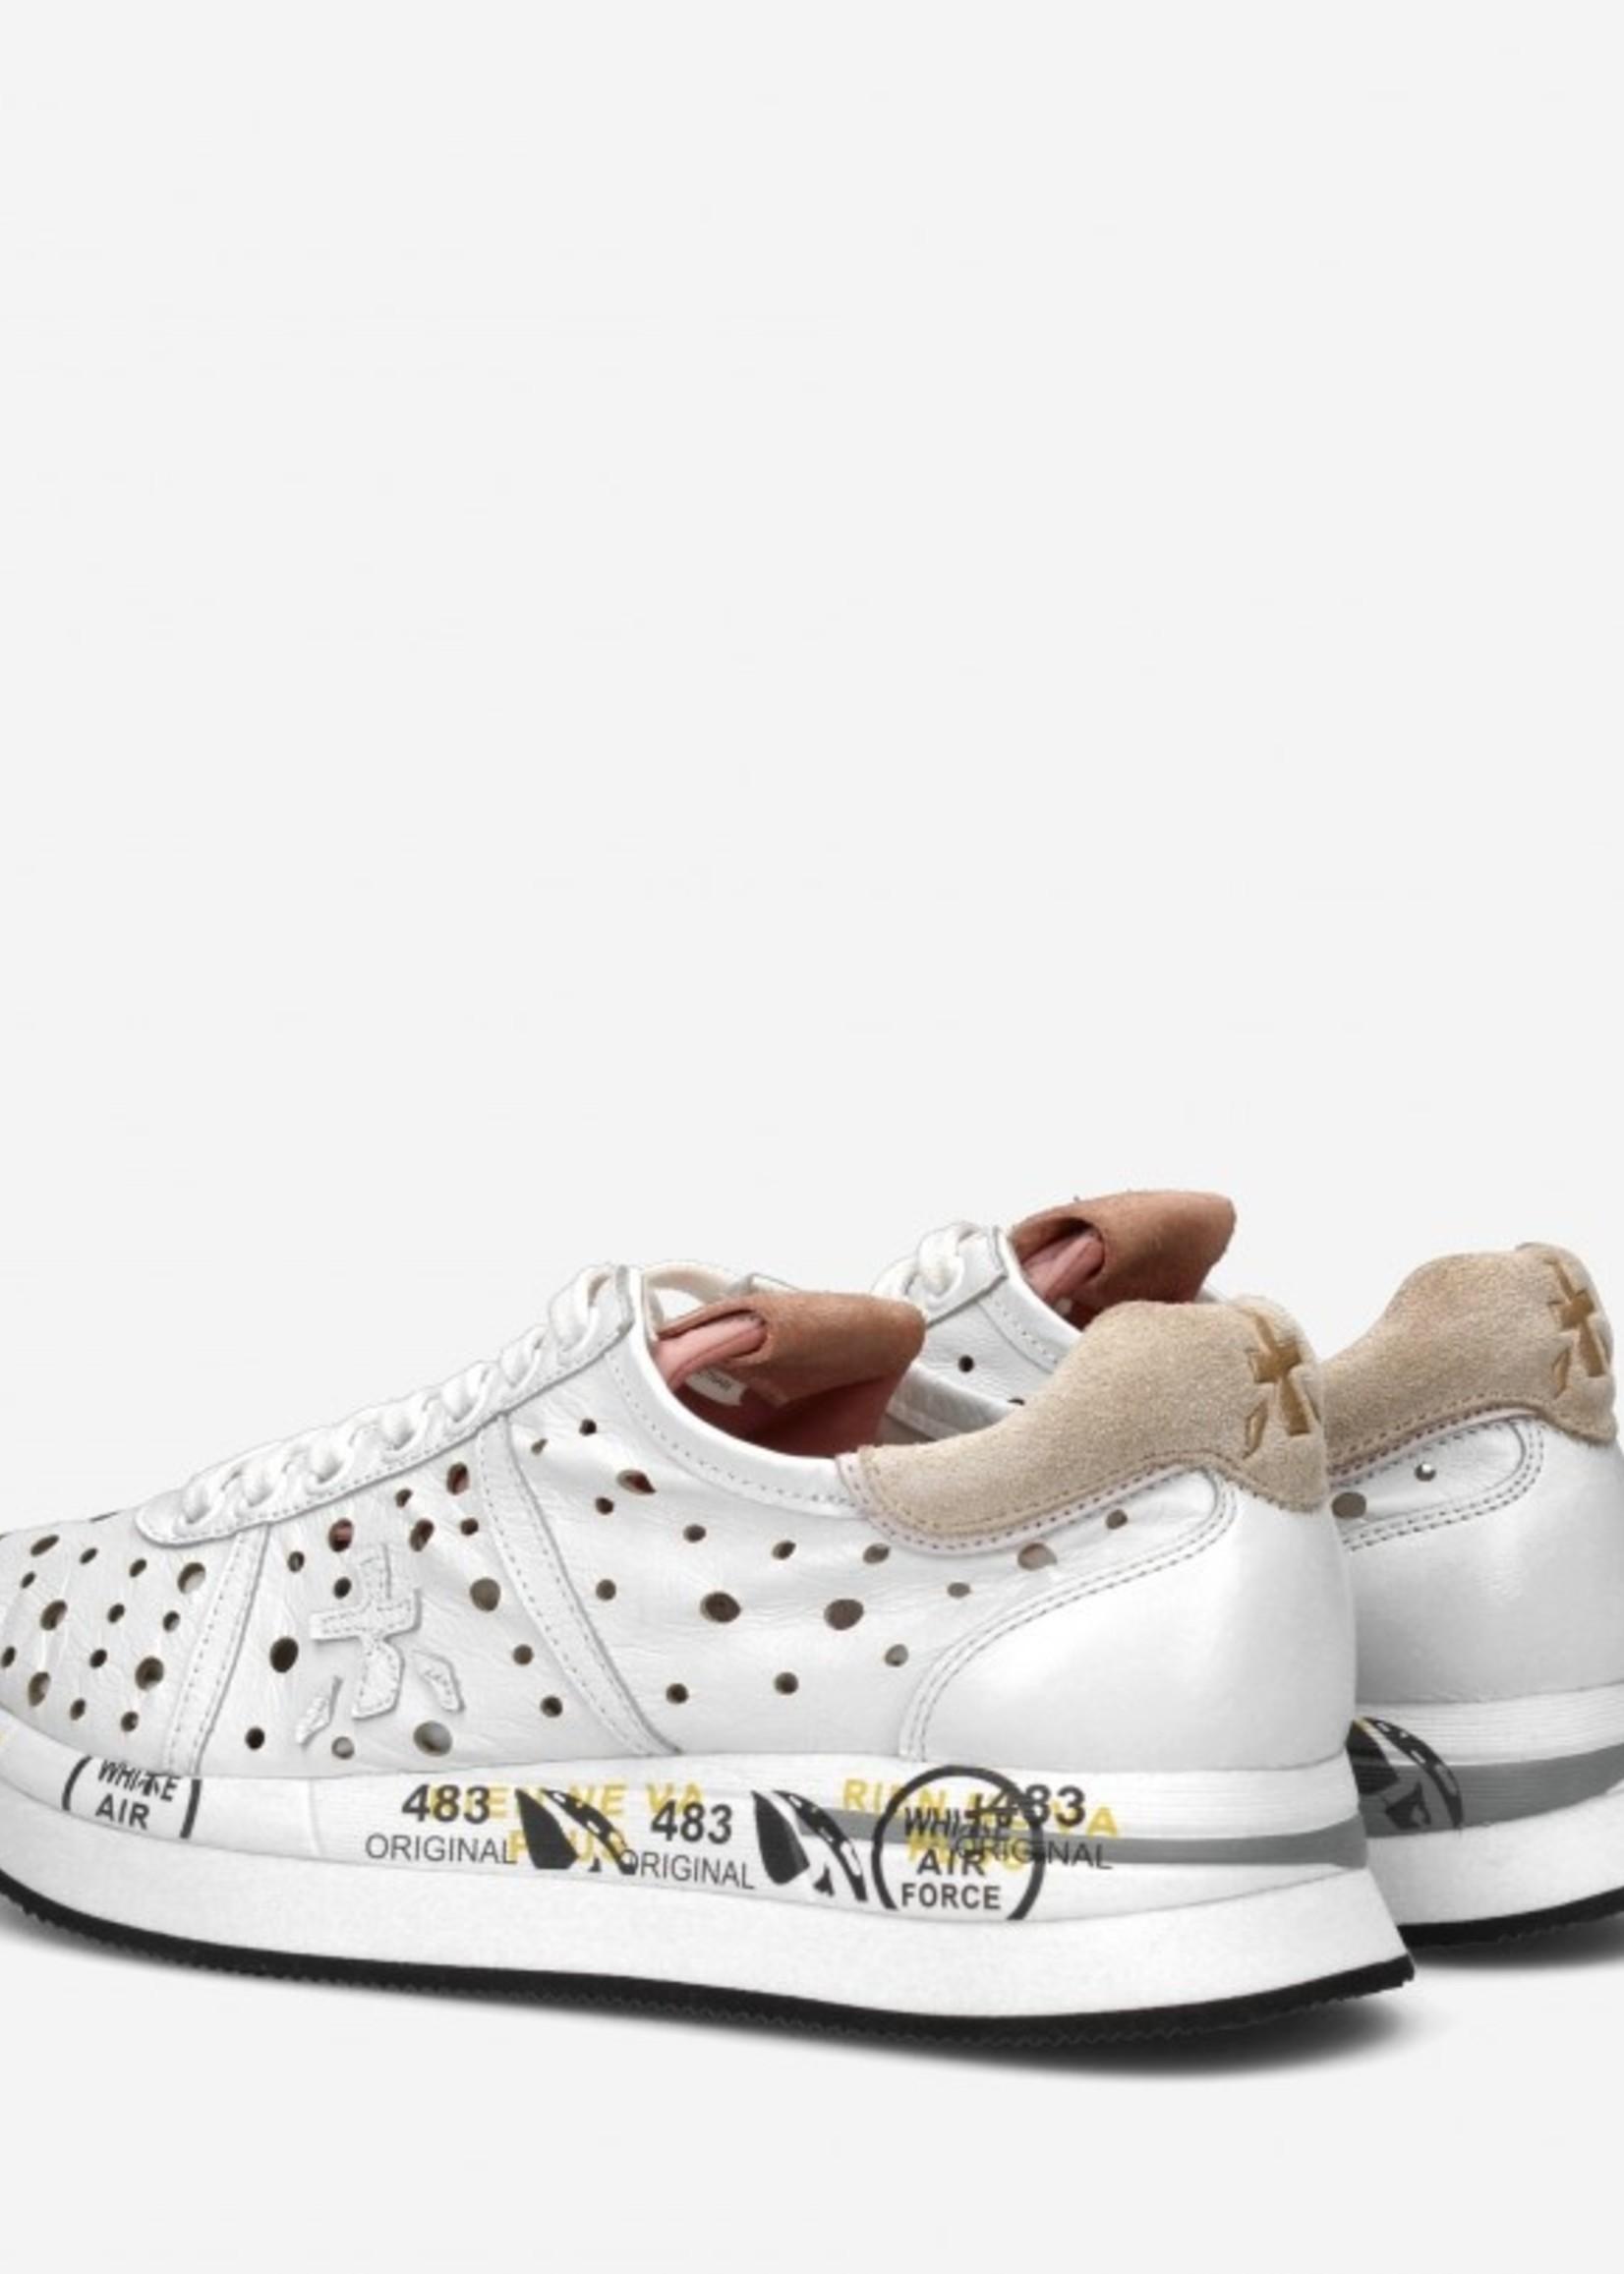 premiata Premiata sneakers Leather white/pink Wholes